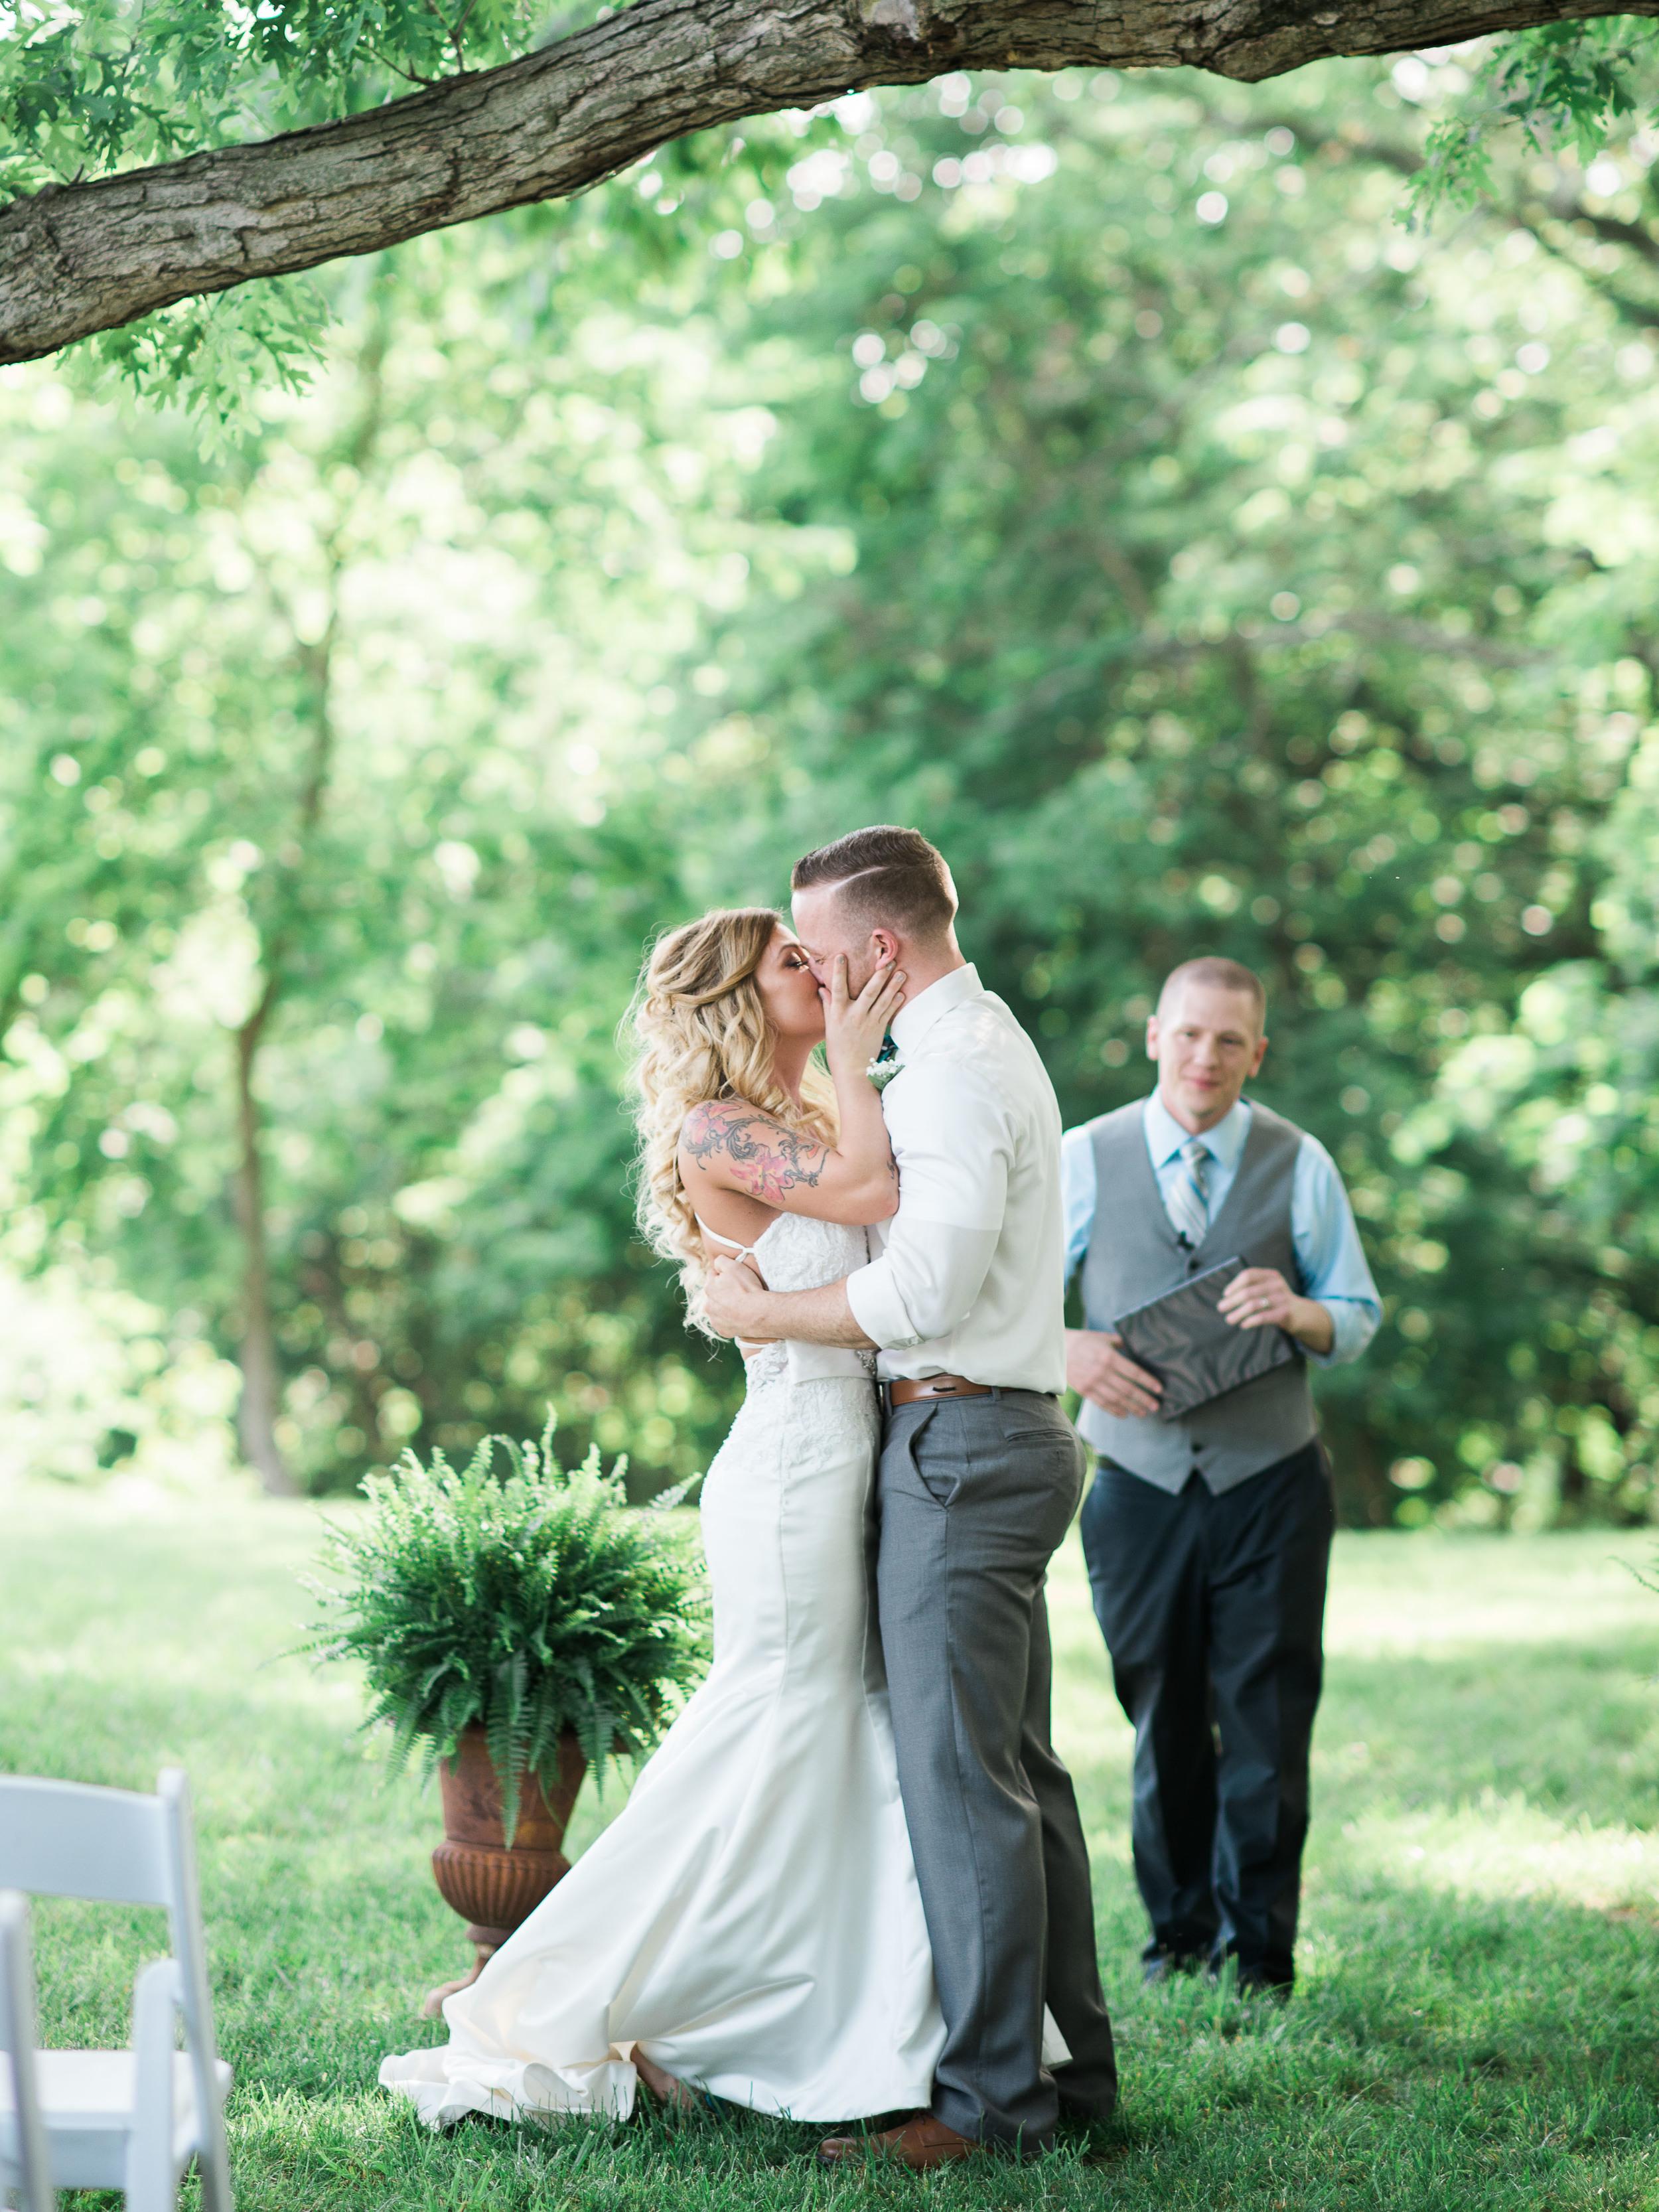 wedding in allentown pa at monterre vineyards